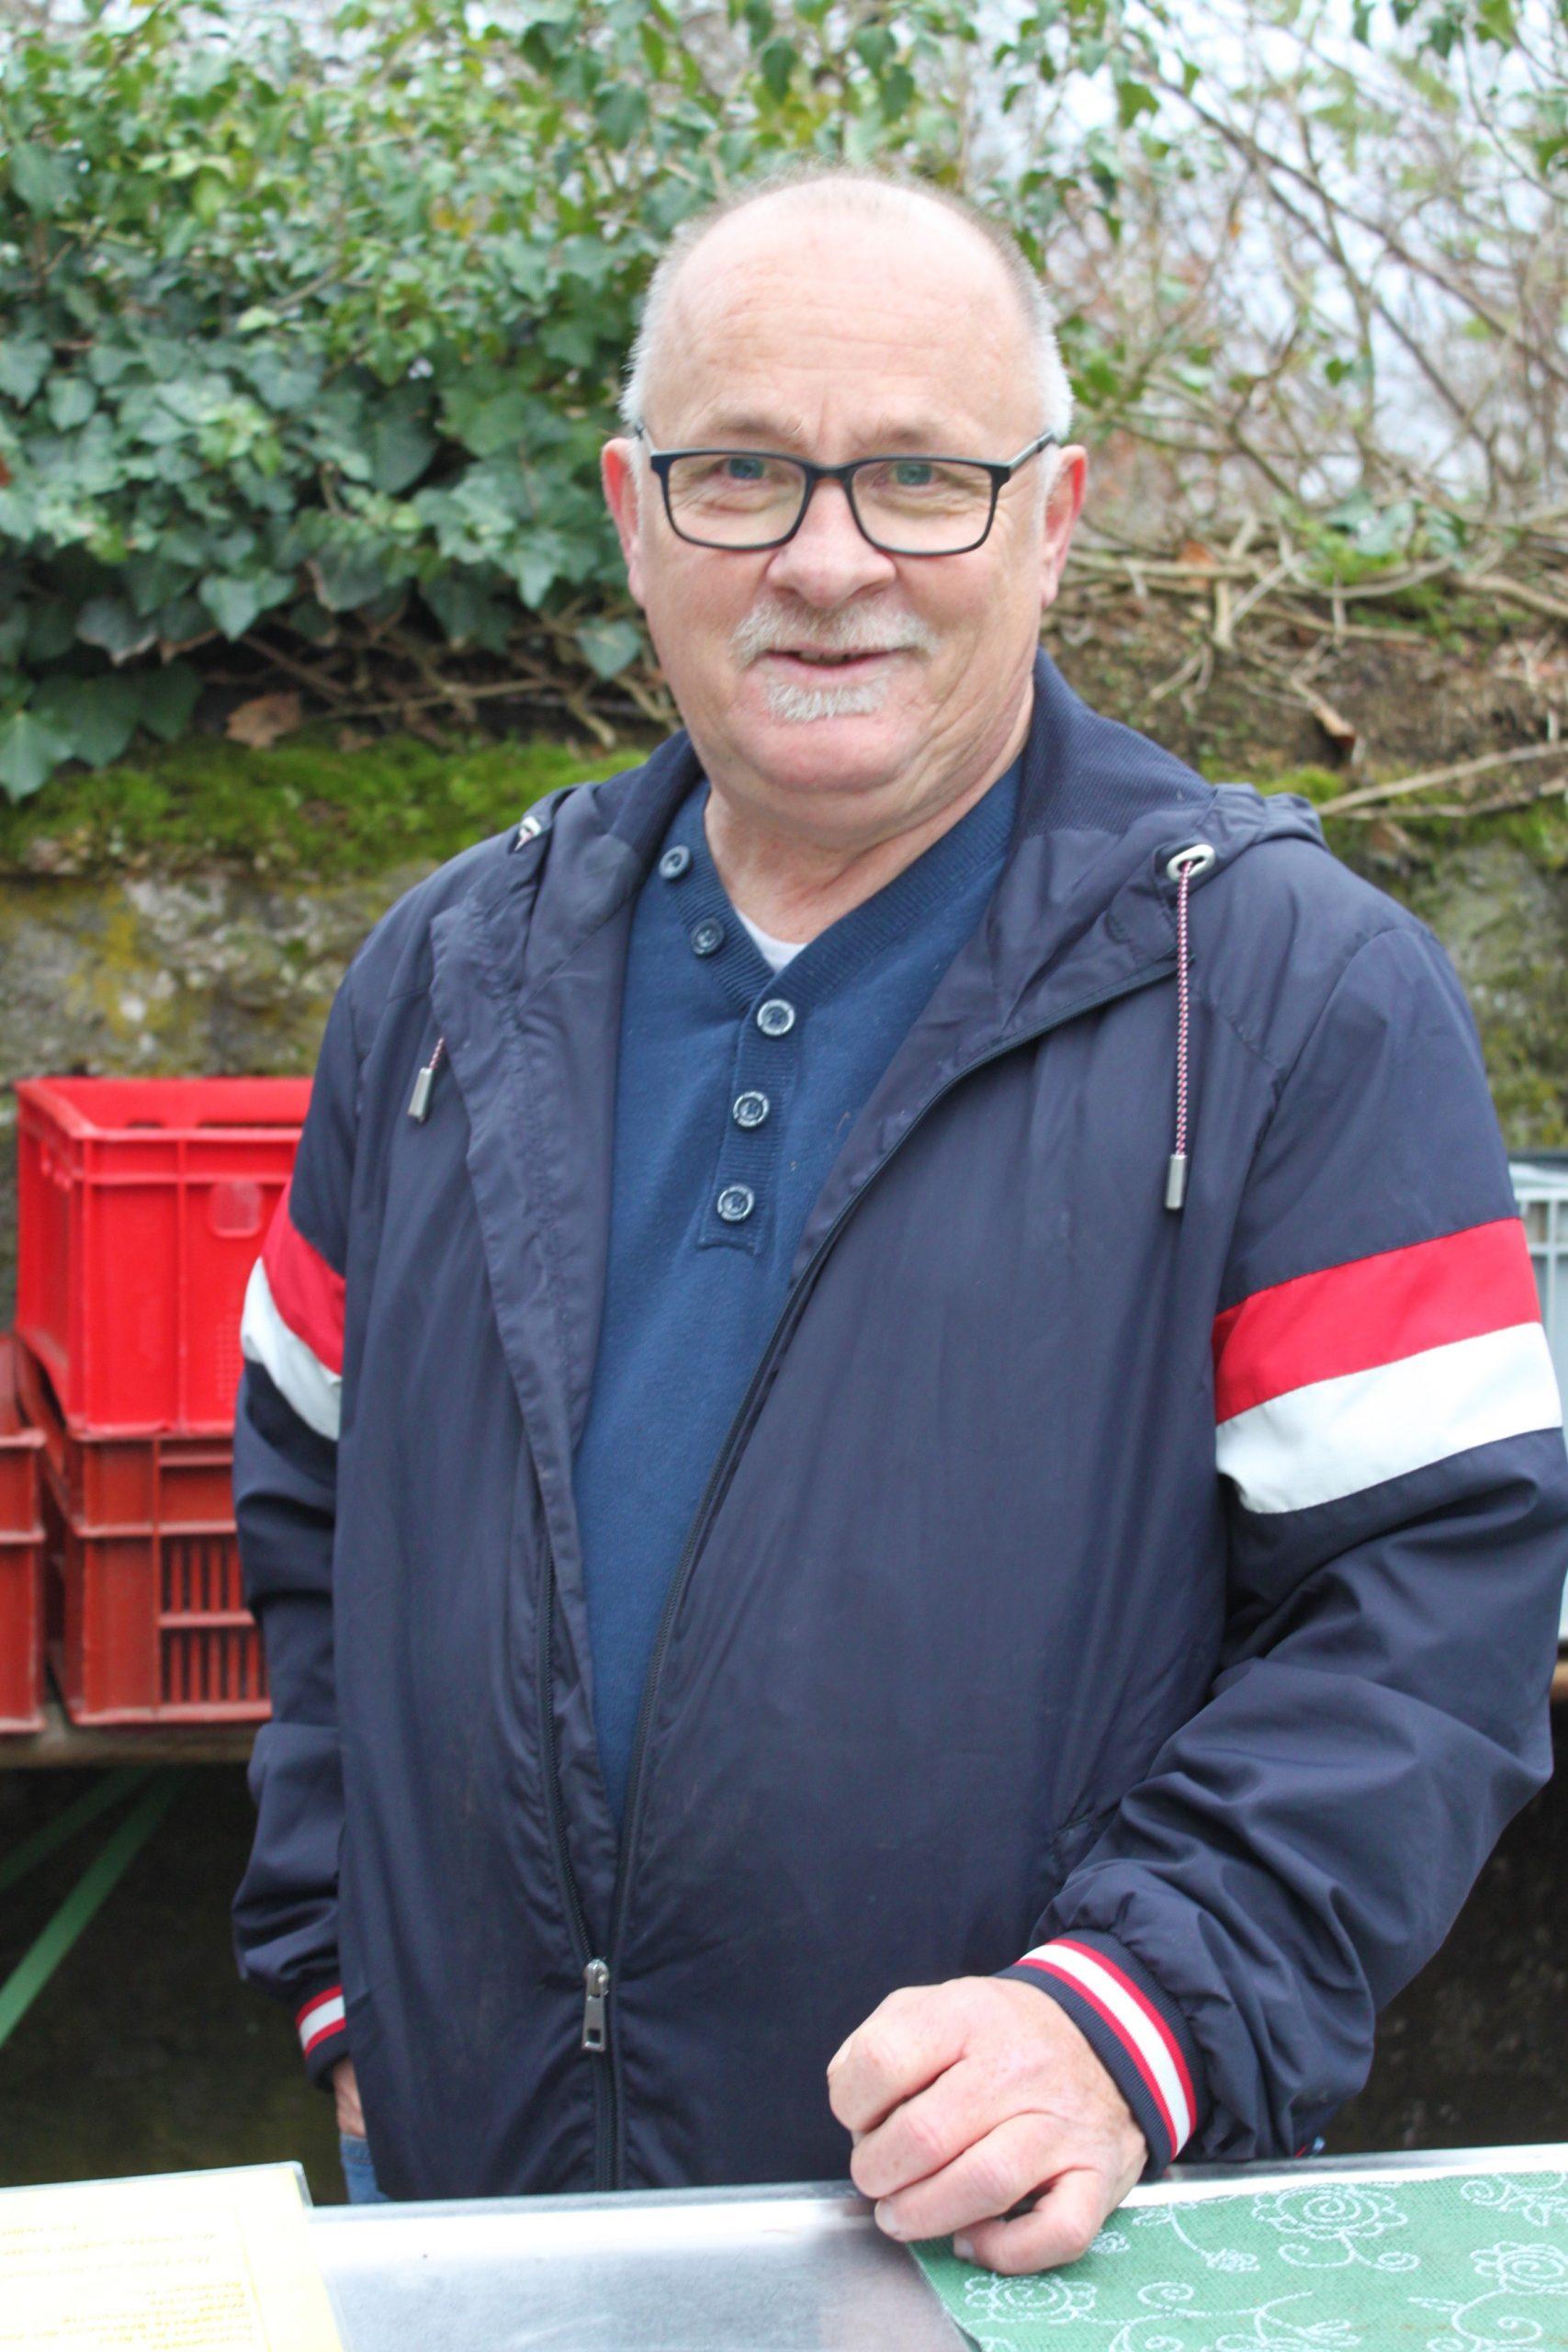 Dieter Krastel